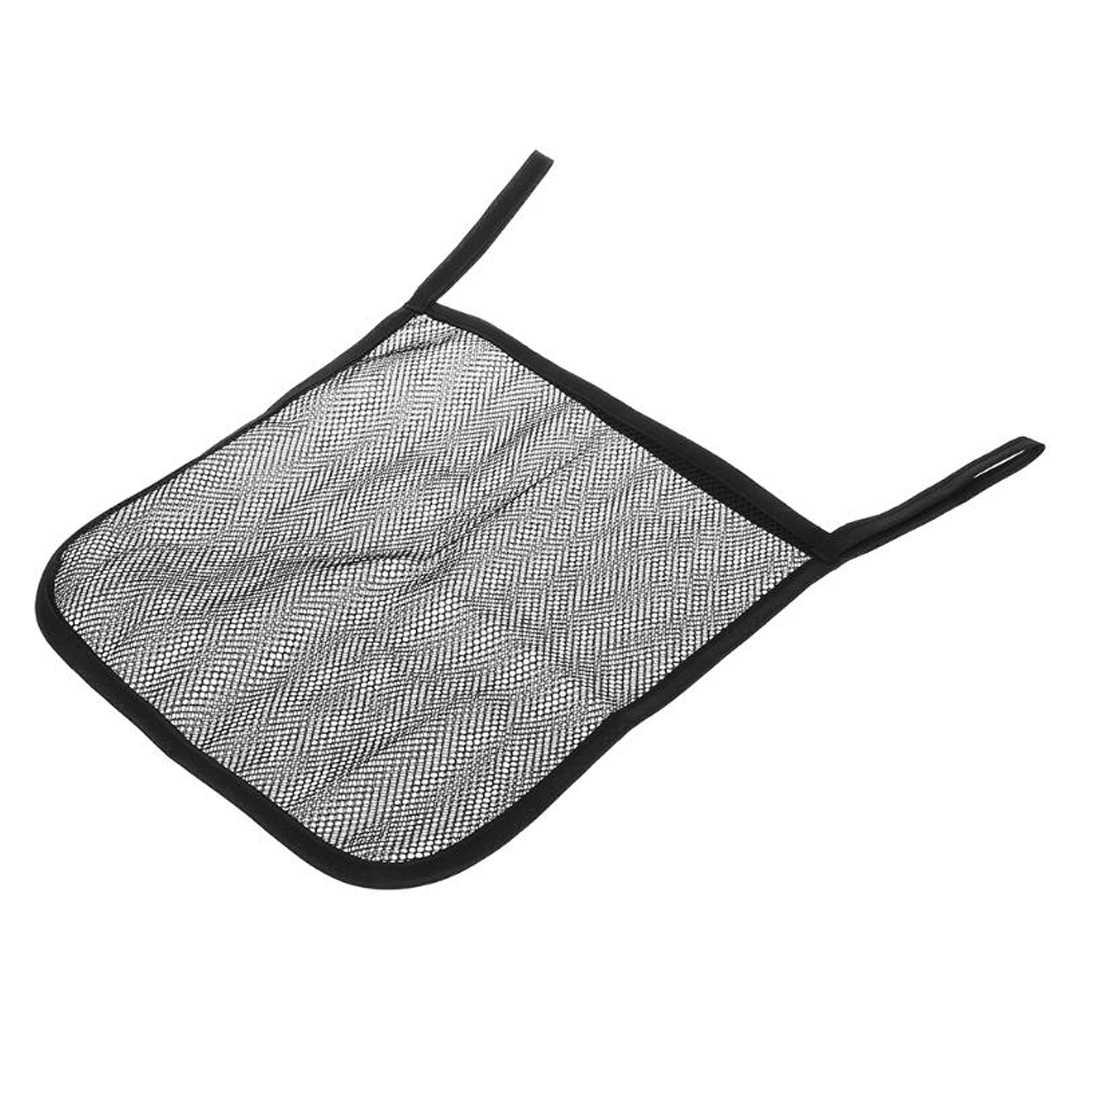 Бумажный подгузник Полотенца сумка для детской коляски универсальная сетка для хранения Bag1 дома сетка для хранения коврик для коляски, подвешиваемые сумки сетки